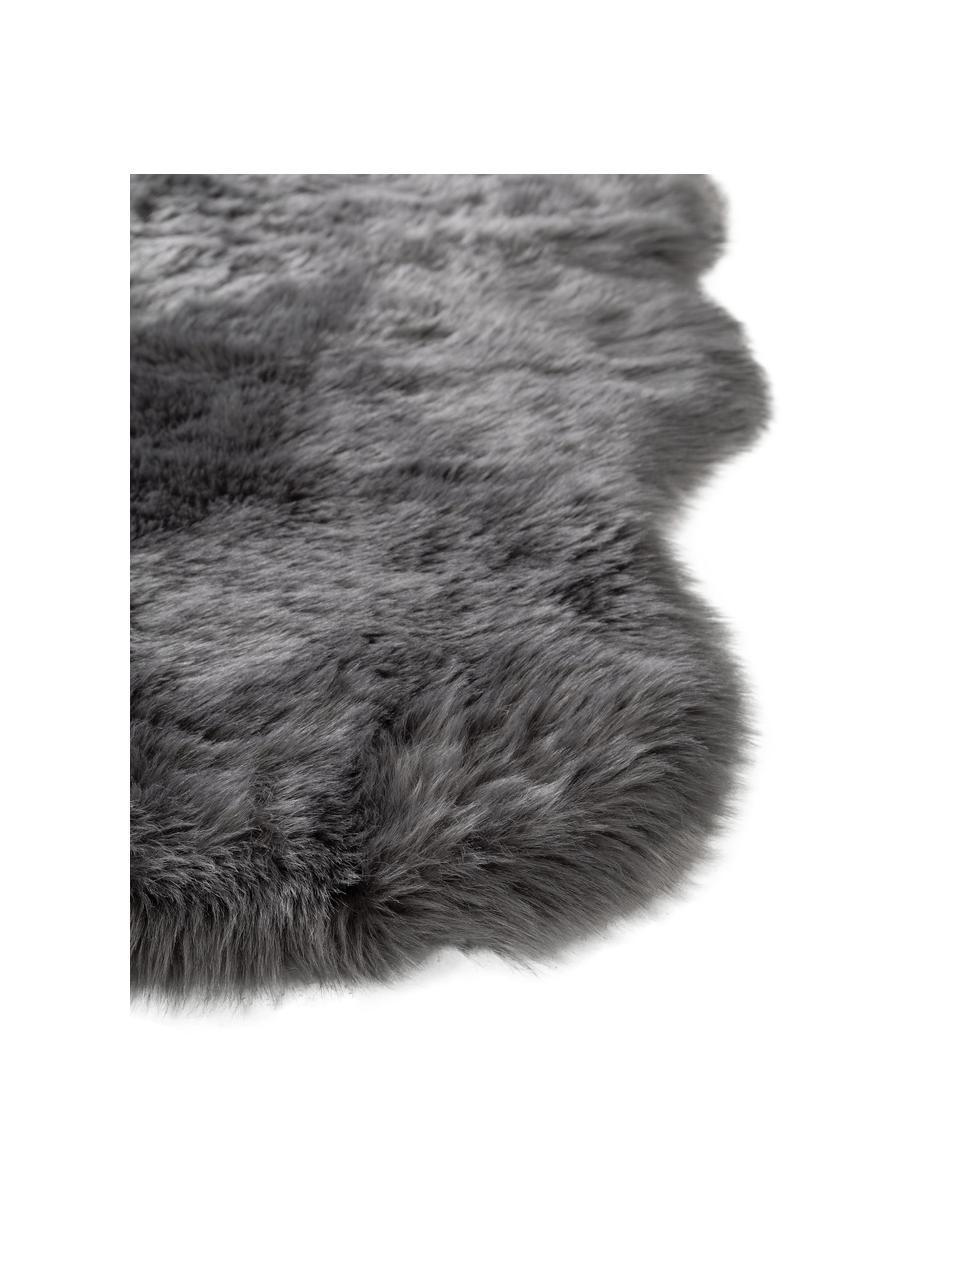 Flauschiger Kunstfell-Teppich Elmo in Grau, glatt, Flor: 50% Acryl, 50% Polyester, Grau, B 140 x L 200 cm (Größe S)